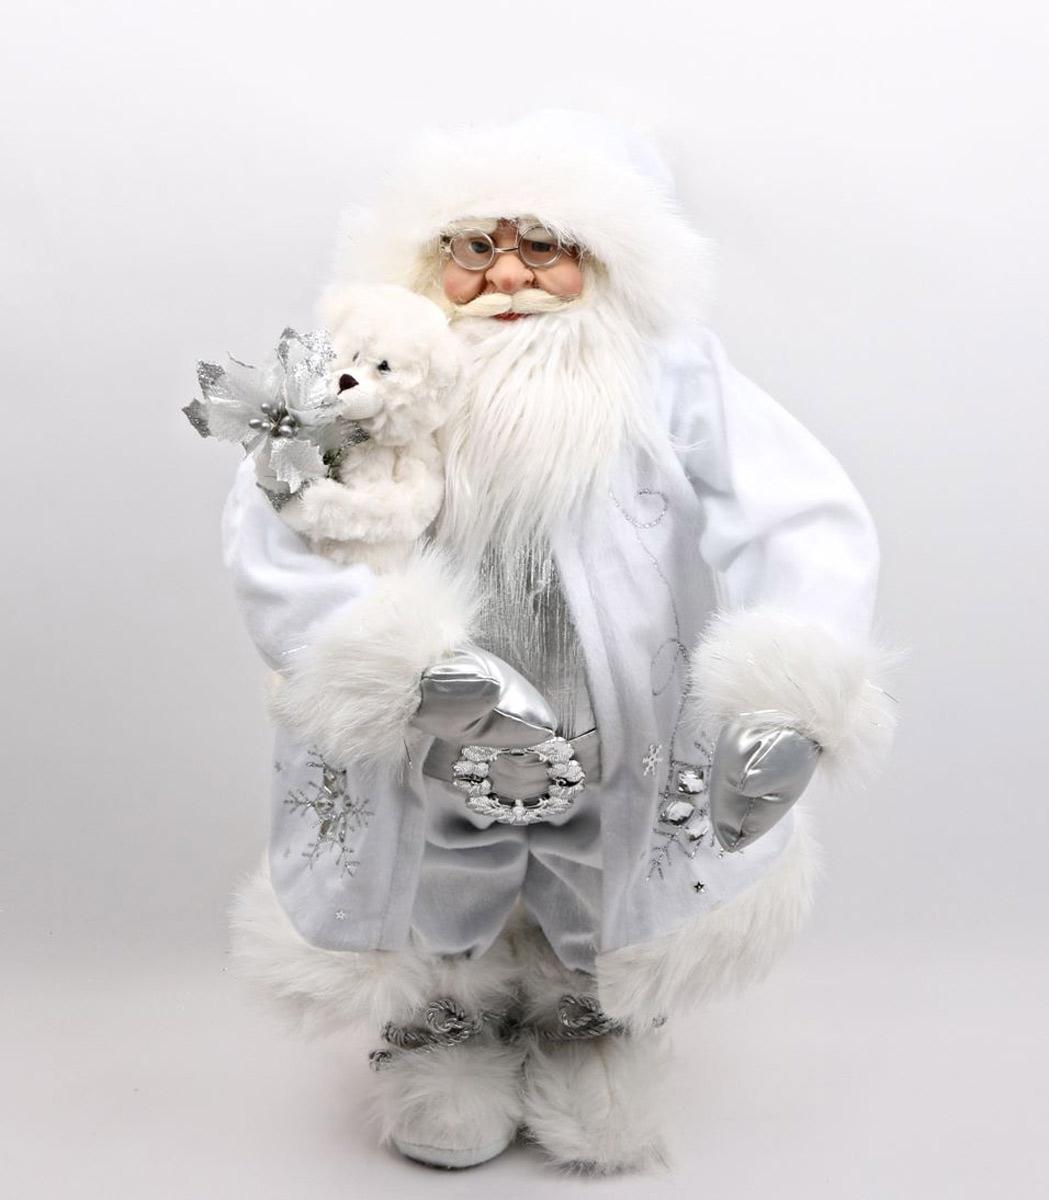 Кукла ESTRO, цвет: белый, диаметр 60 см. C21-241045C21-241045Кукла создана вручную, неповторима и оригинальна. Порадуйте своих друзей и близких этим замечательным подарком!